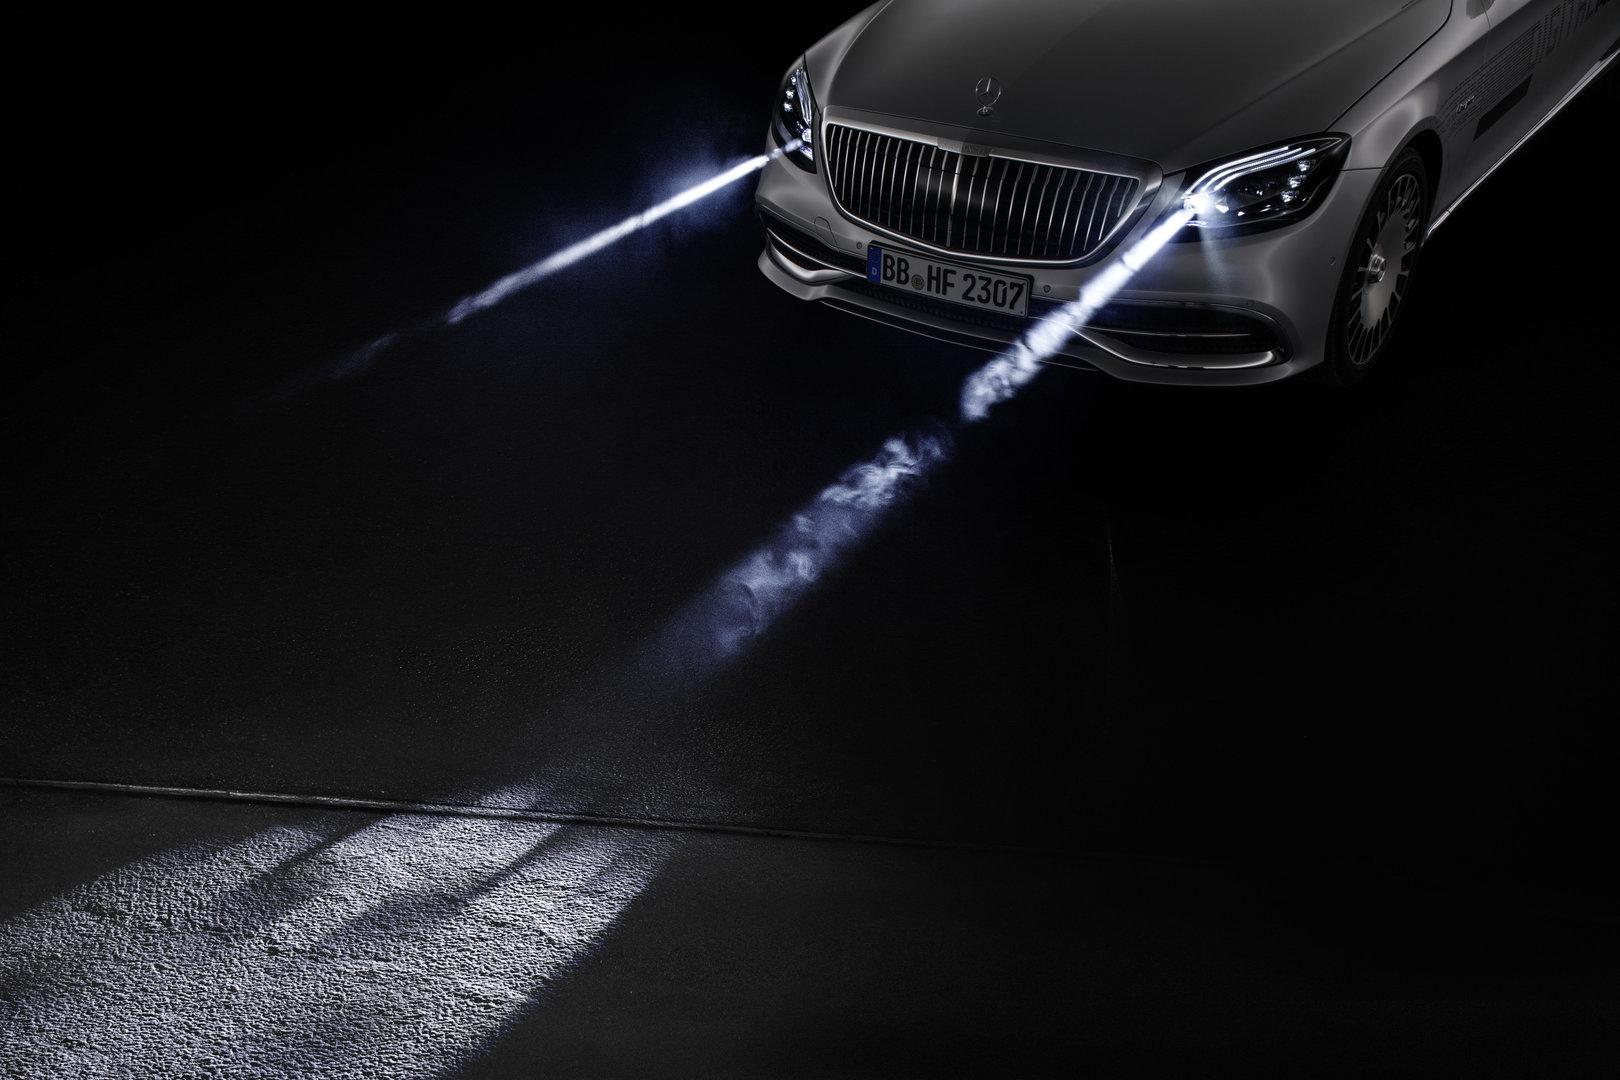 Mercedes-Benz Digital Light